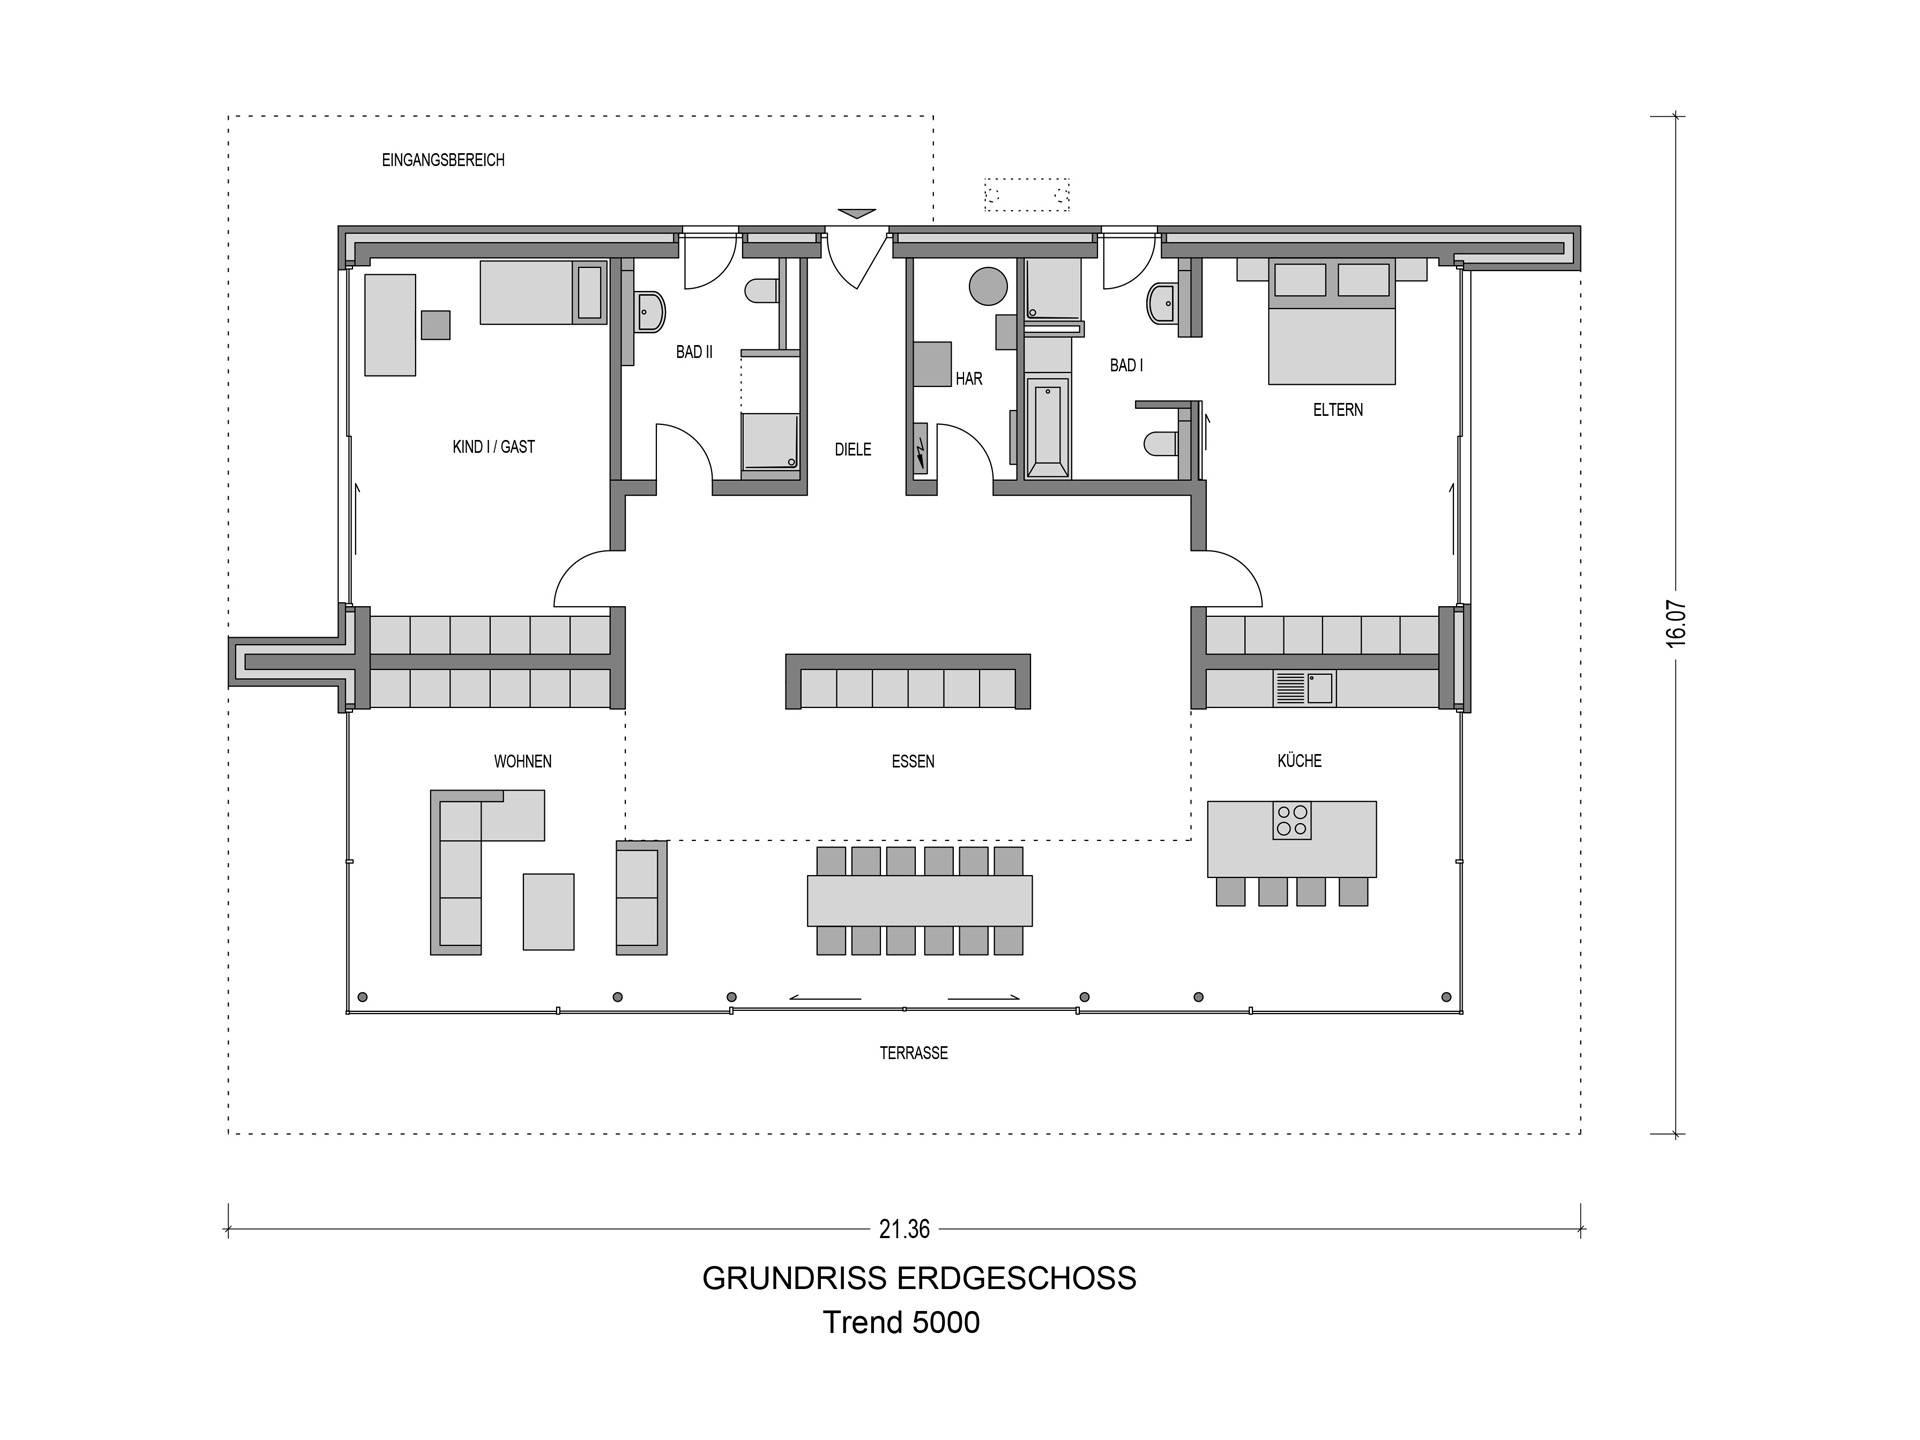 Grundriss Bungalow Trend 5000.2 von Bauidee Wohlfühl-Häuser